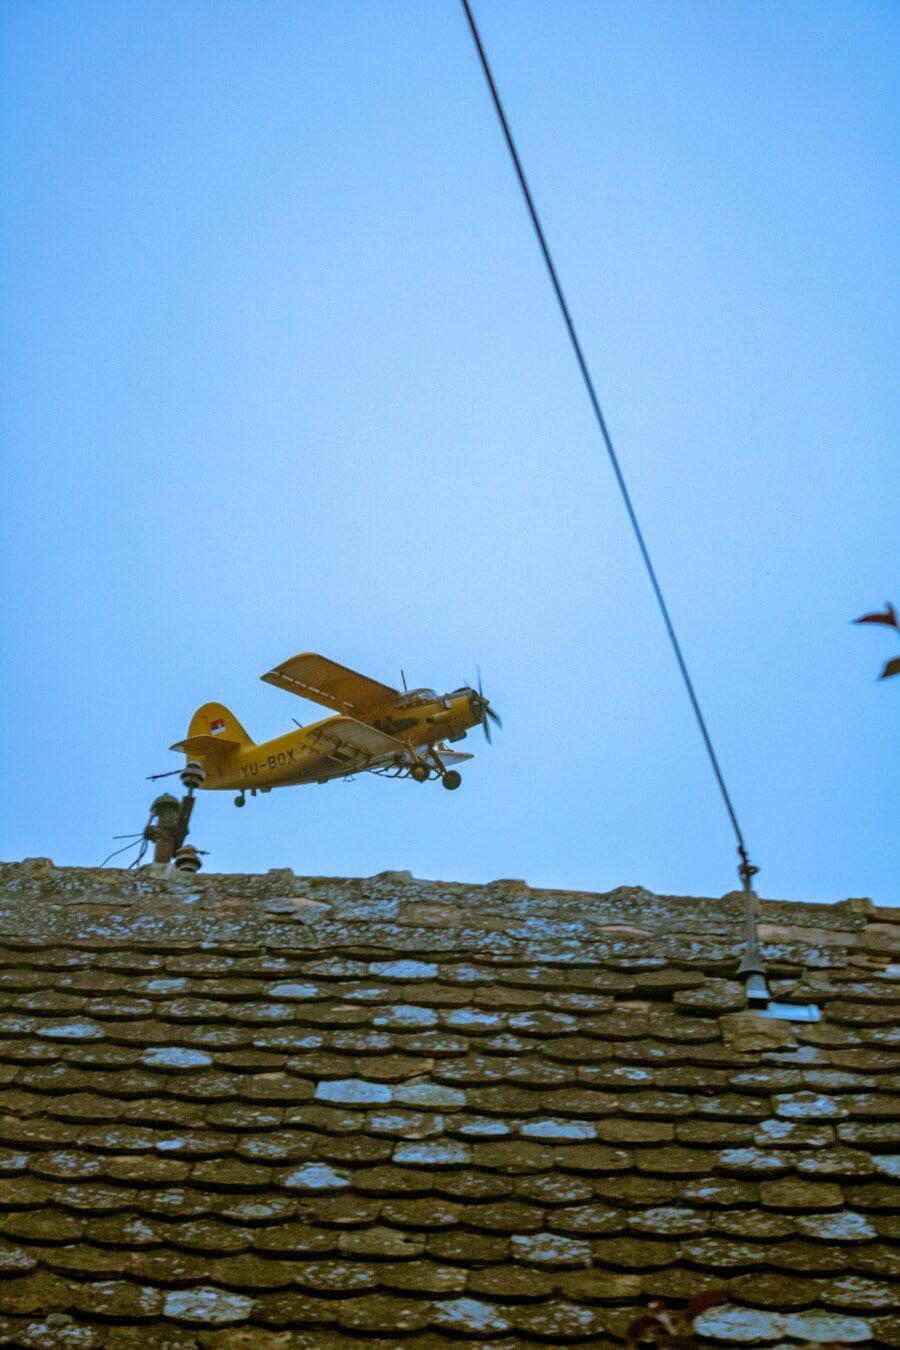 biplan, avion, vue de côté, au décollage, secteur d'activité, paysage, à l'extérieur, technologie, nature, avion